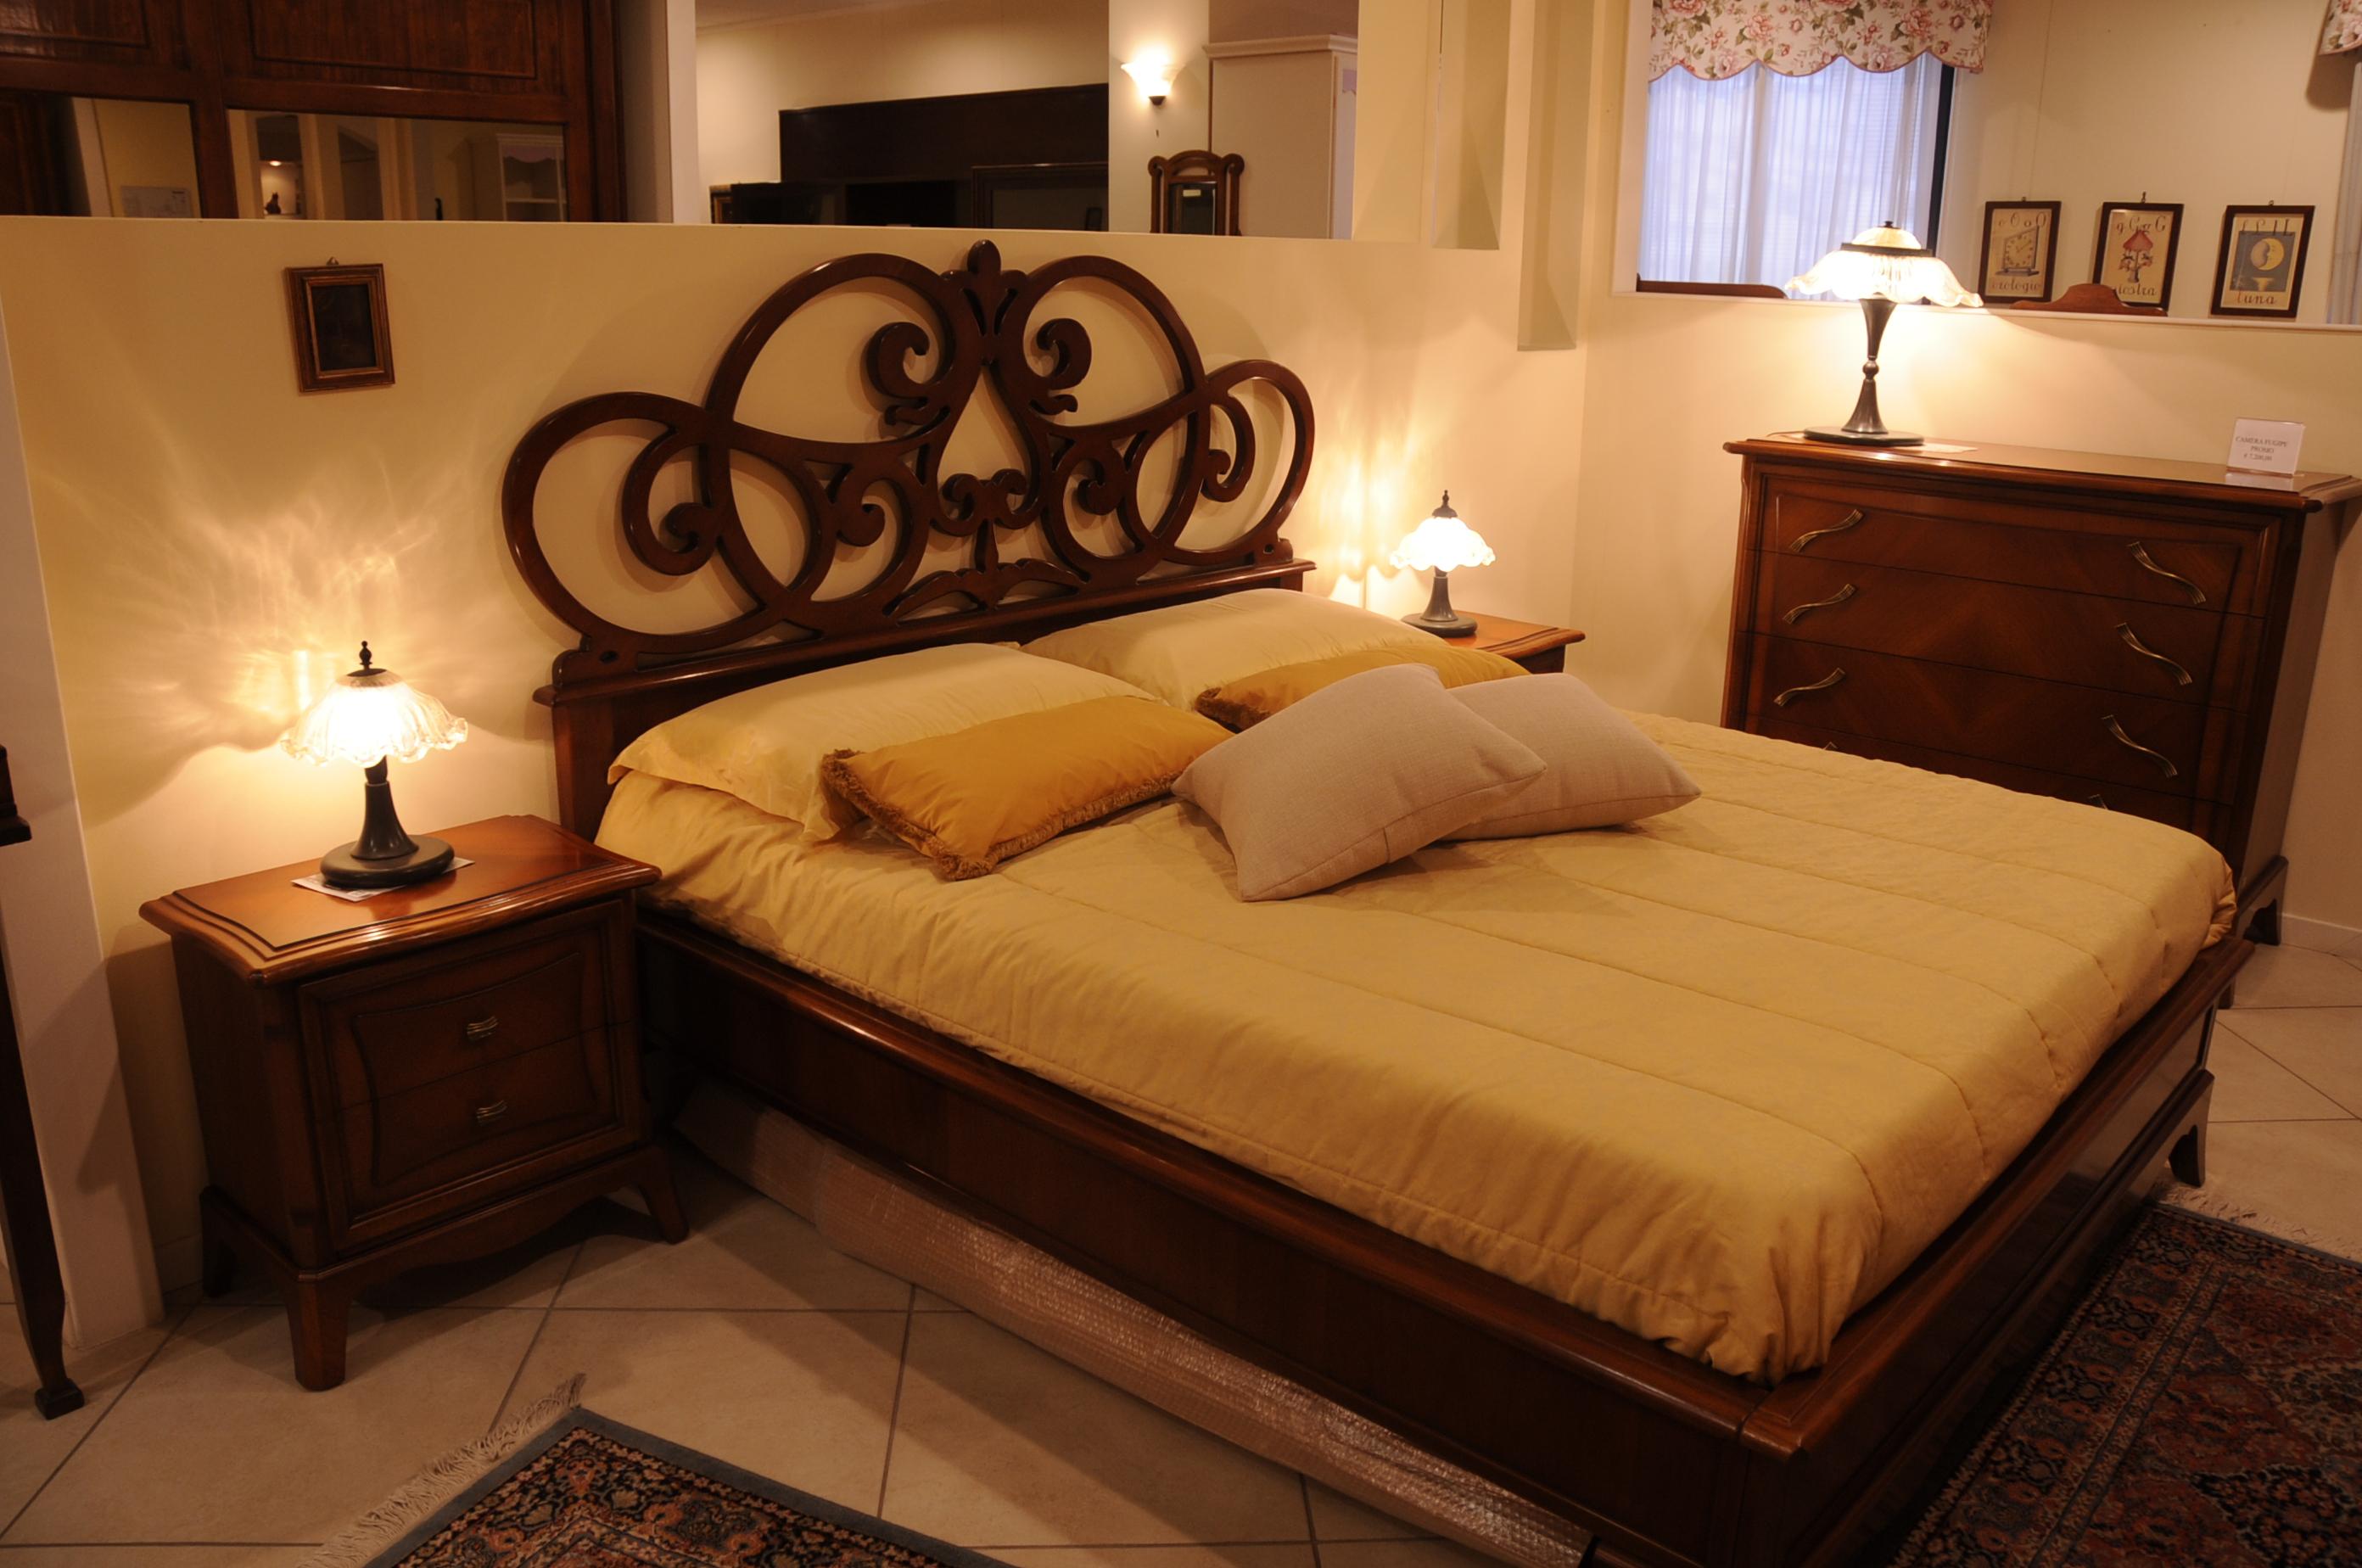 camera da letto fugipe | mobili pizzi - Outlet Camera Da Letto